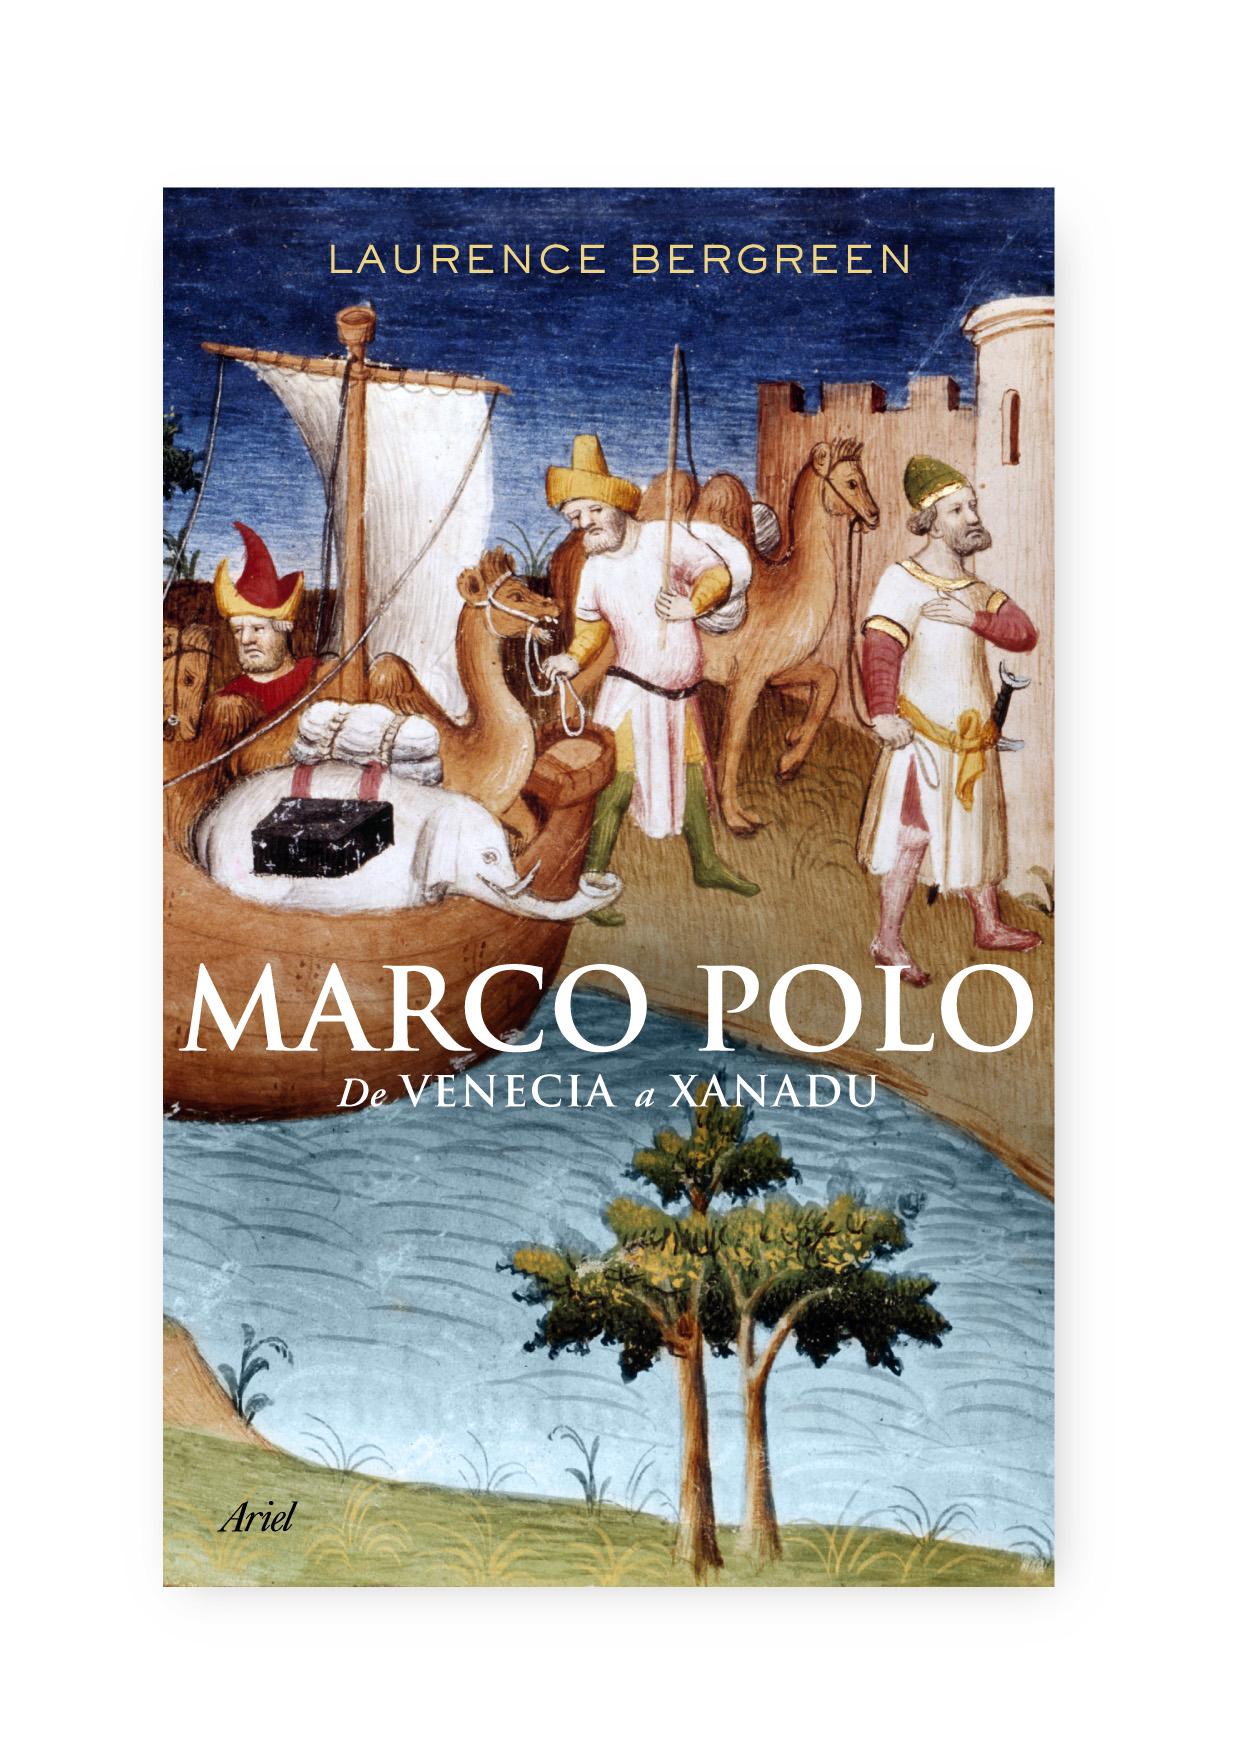 MARCO POLO: DE VENECIA A XANADU | LAURENCE BERGREEN | Comprar libro ...